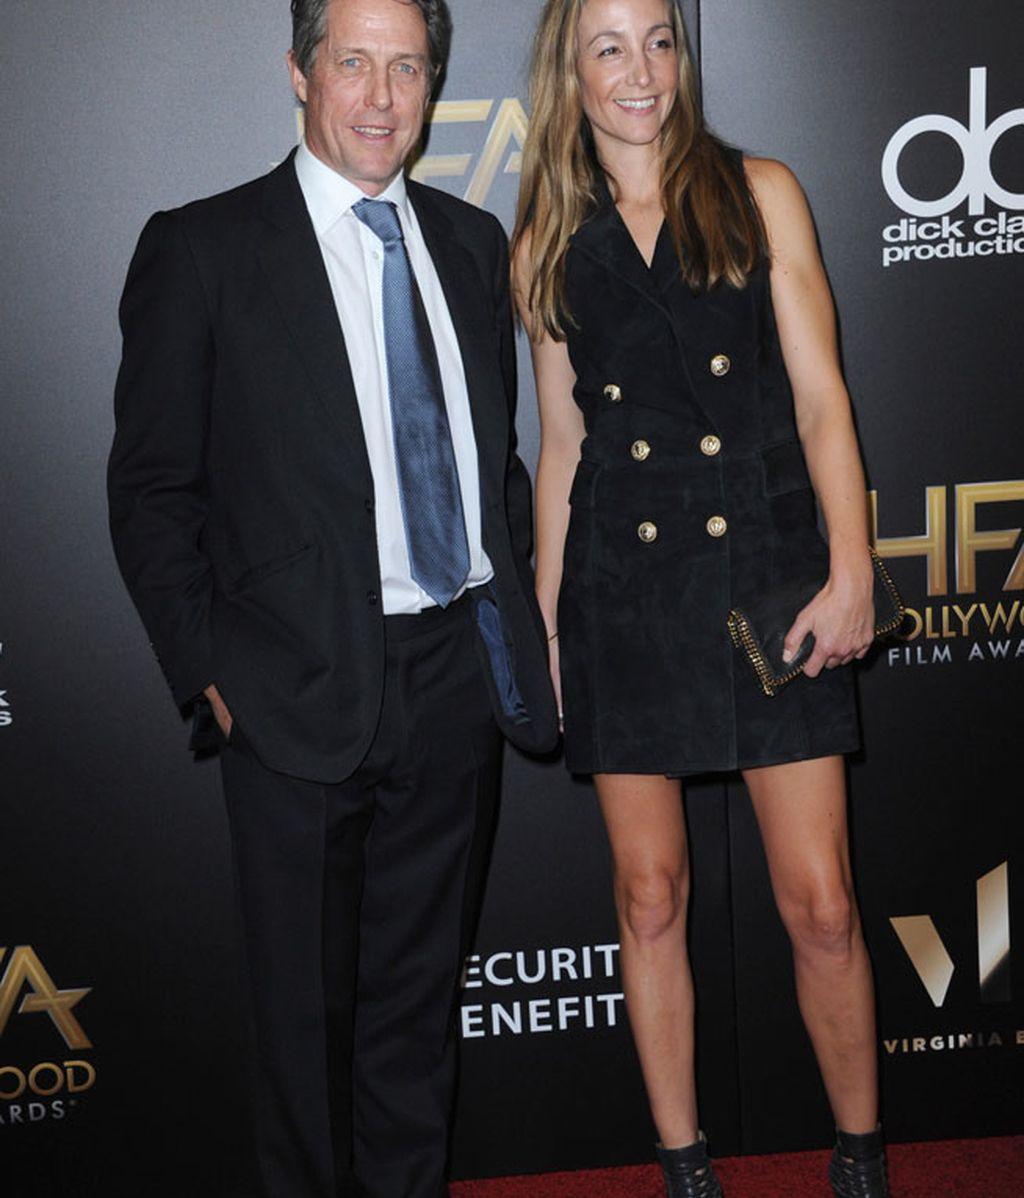 Hugh Grant acudió acompañado de su novia Anna Elisabet Eberstein